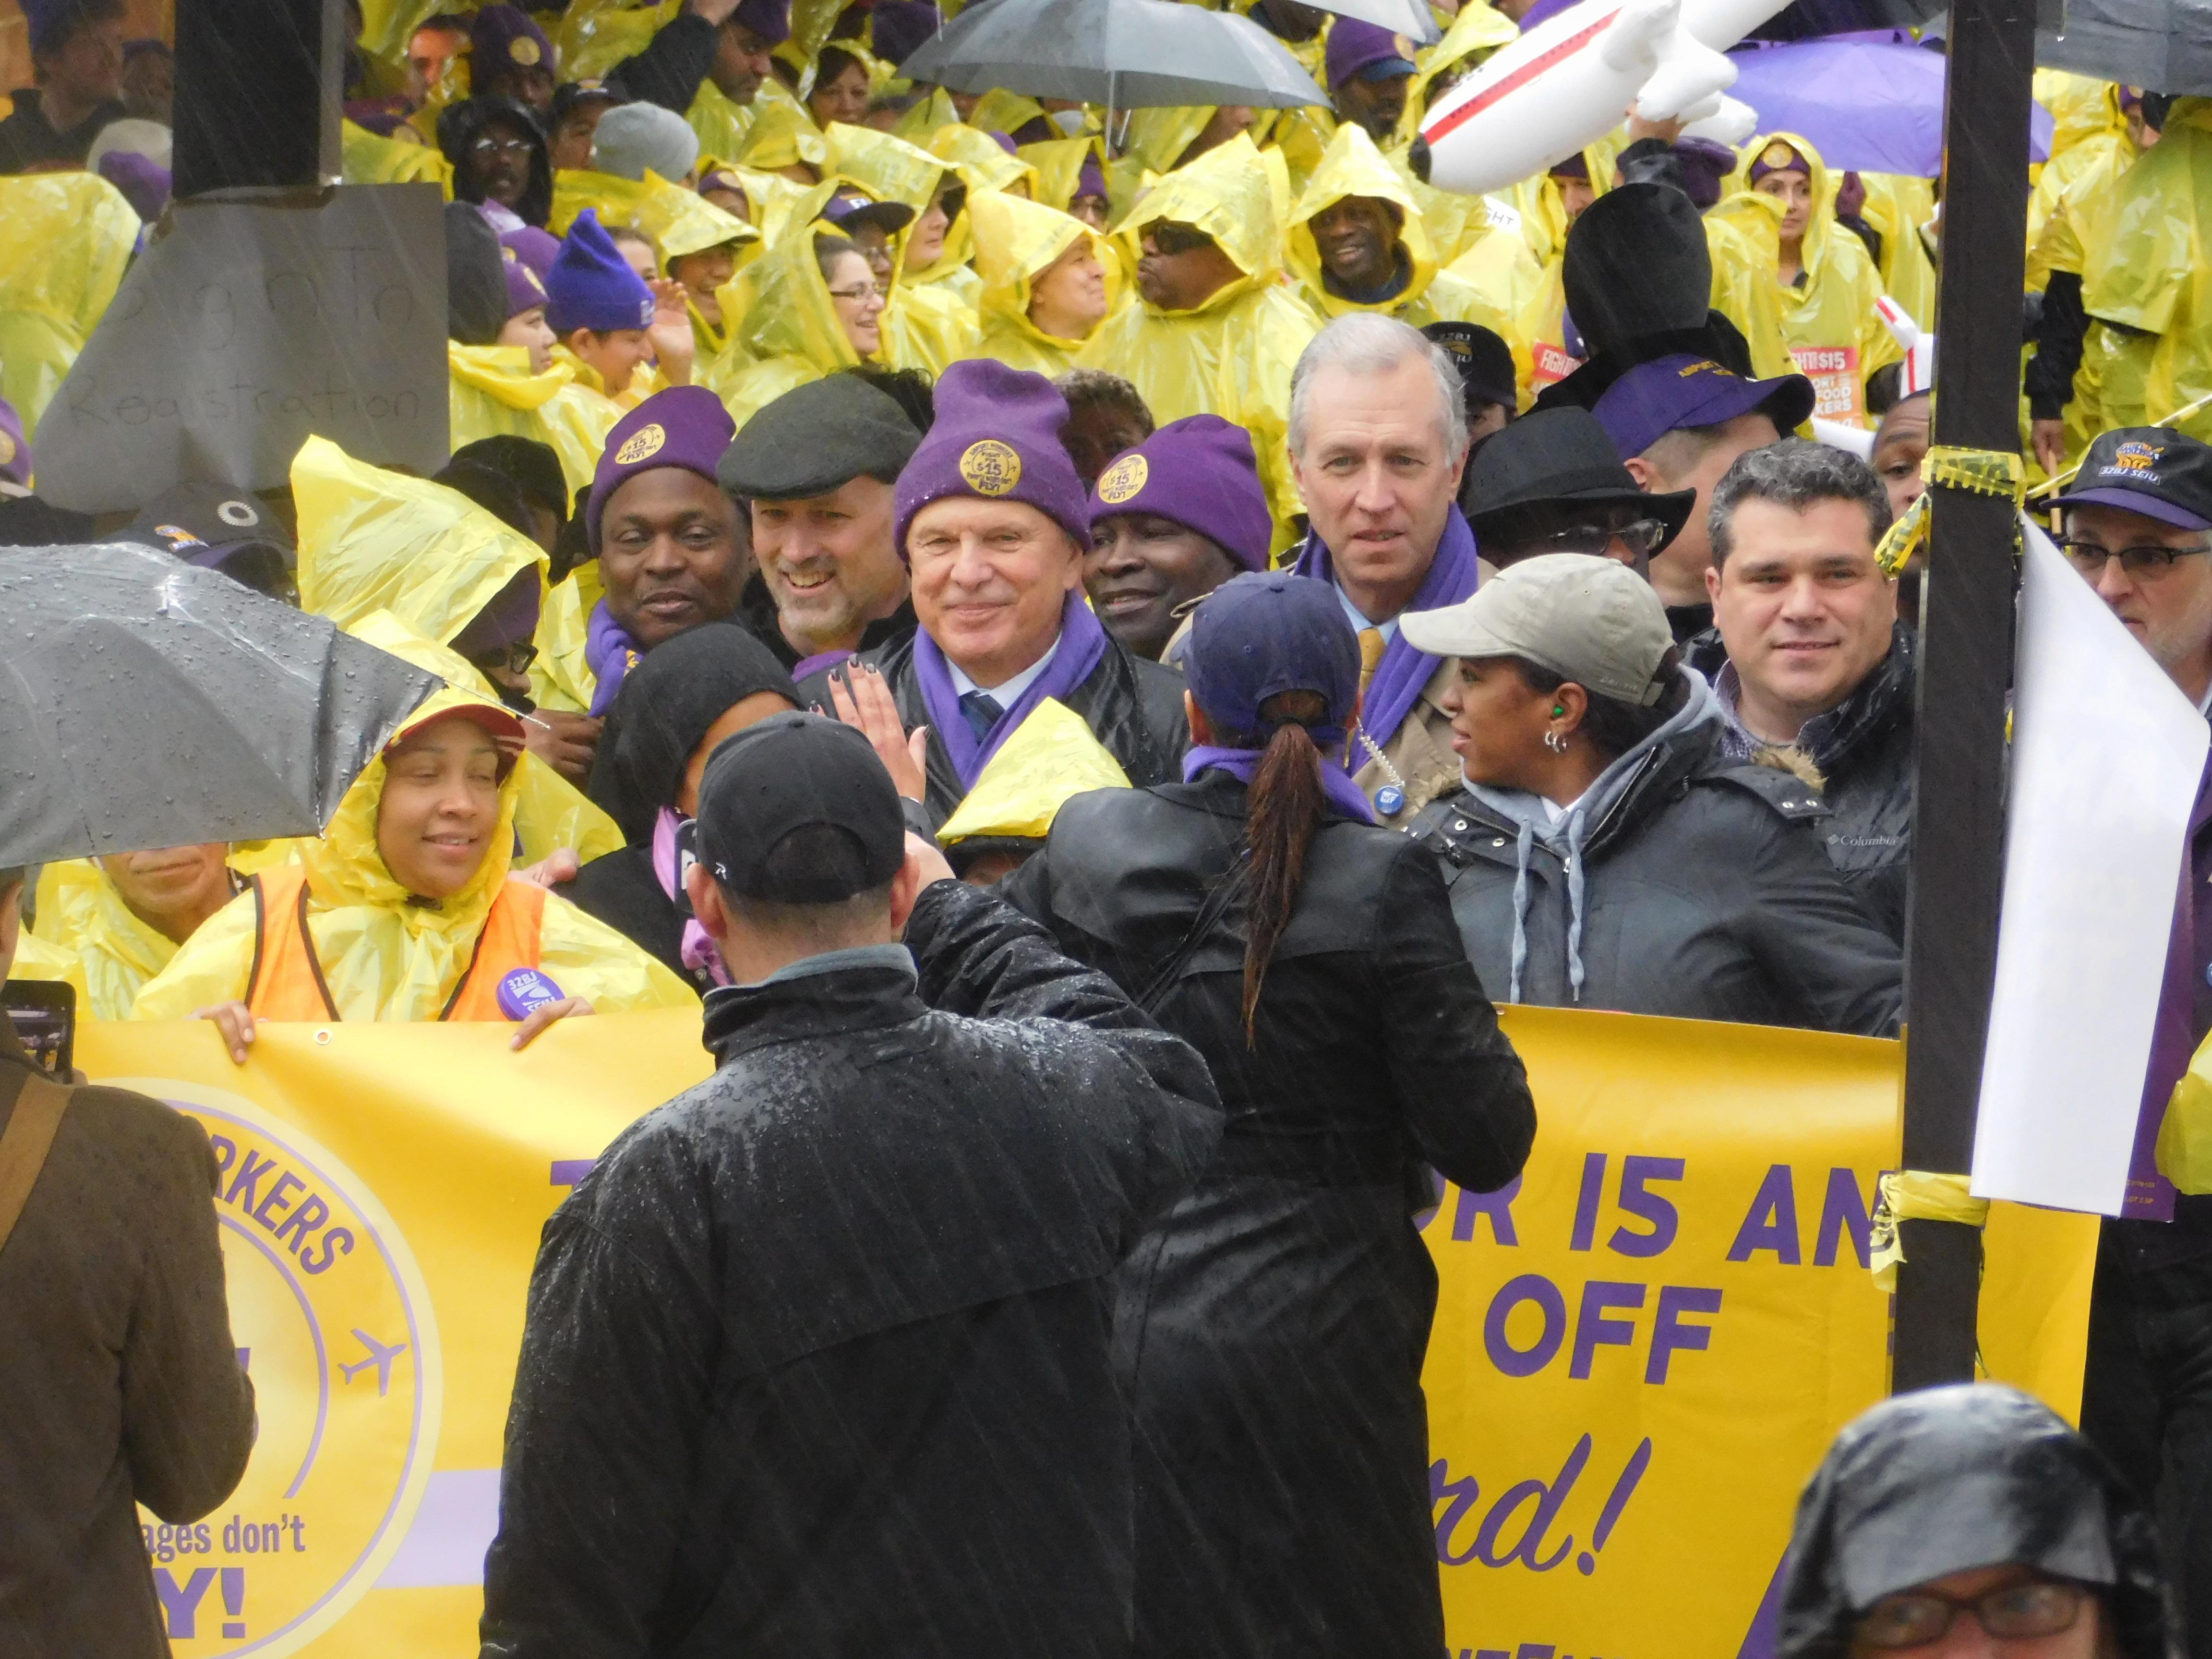 State Senator Ray Lesniak and Assemblyman John Wisniewski can be seen among those gathered outside of Newark Airport's terminal B.